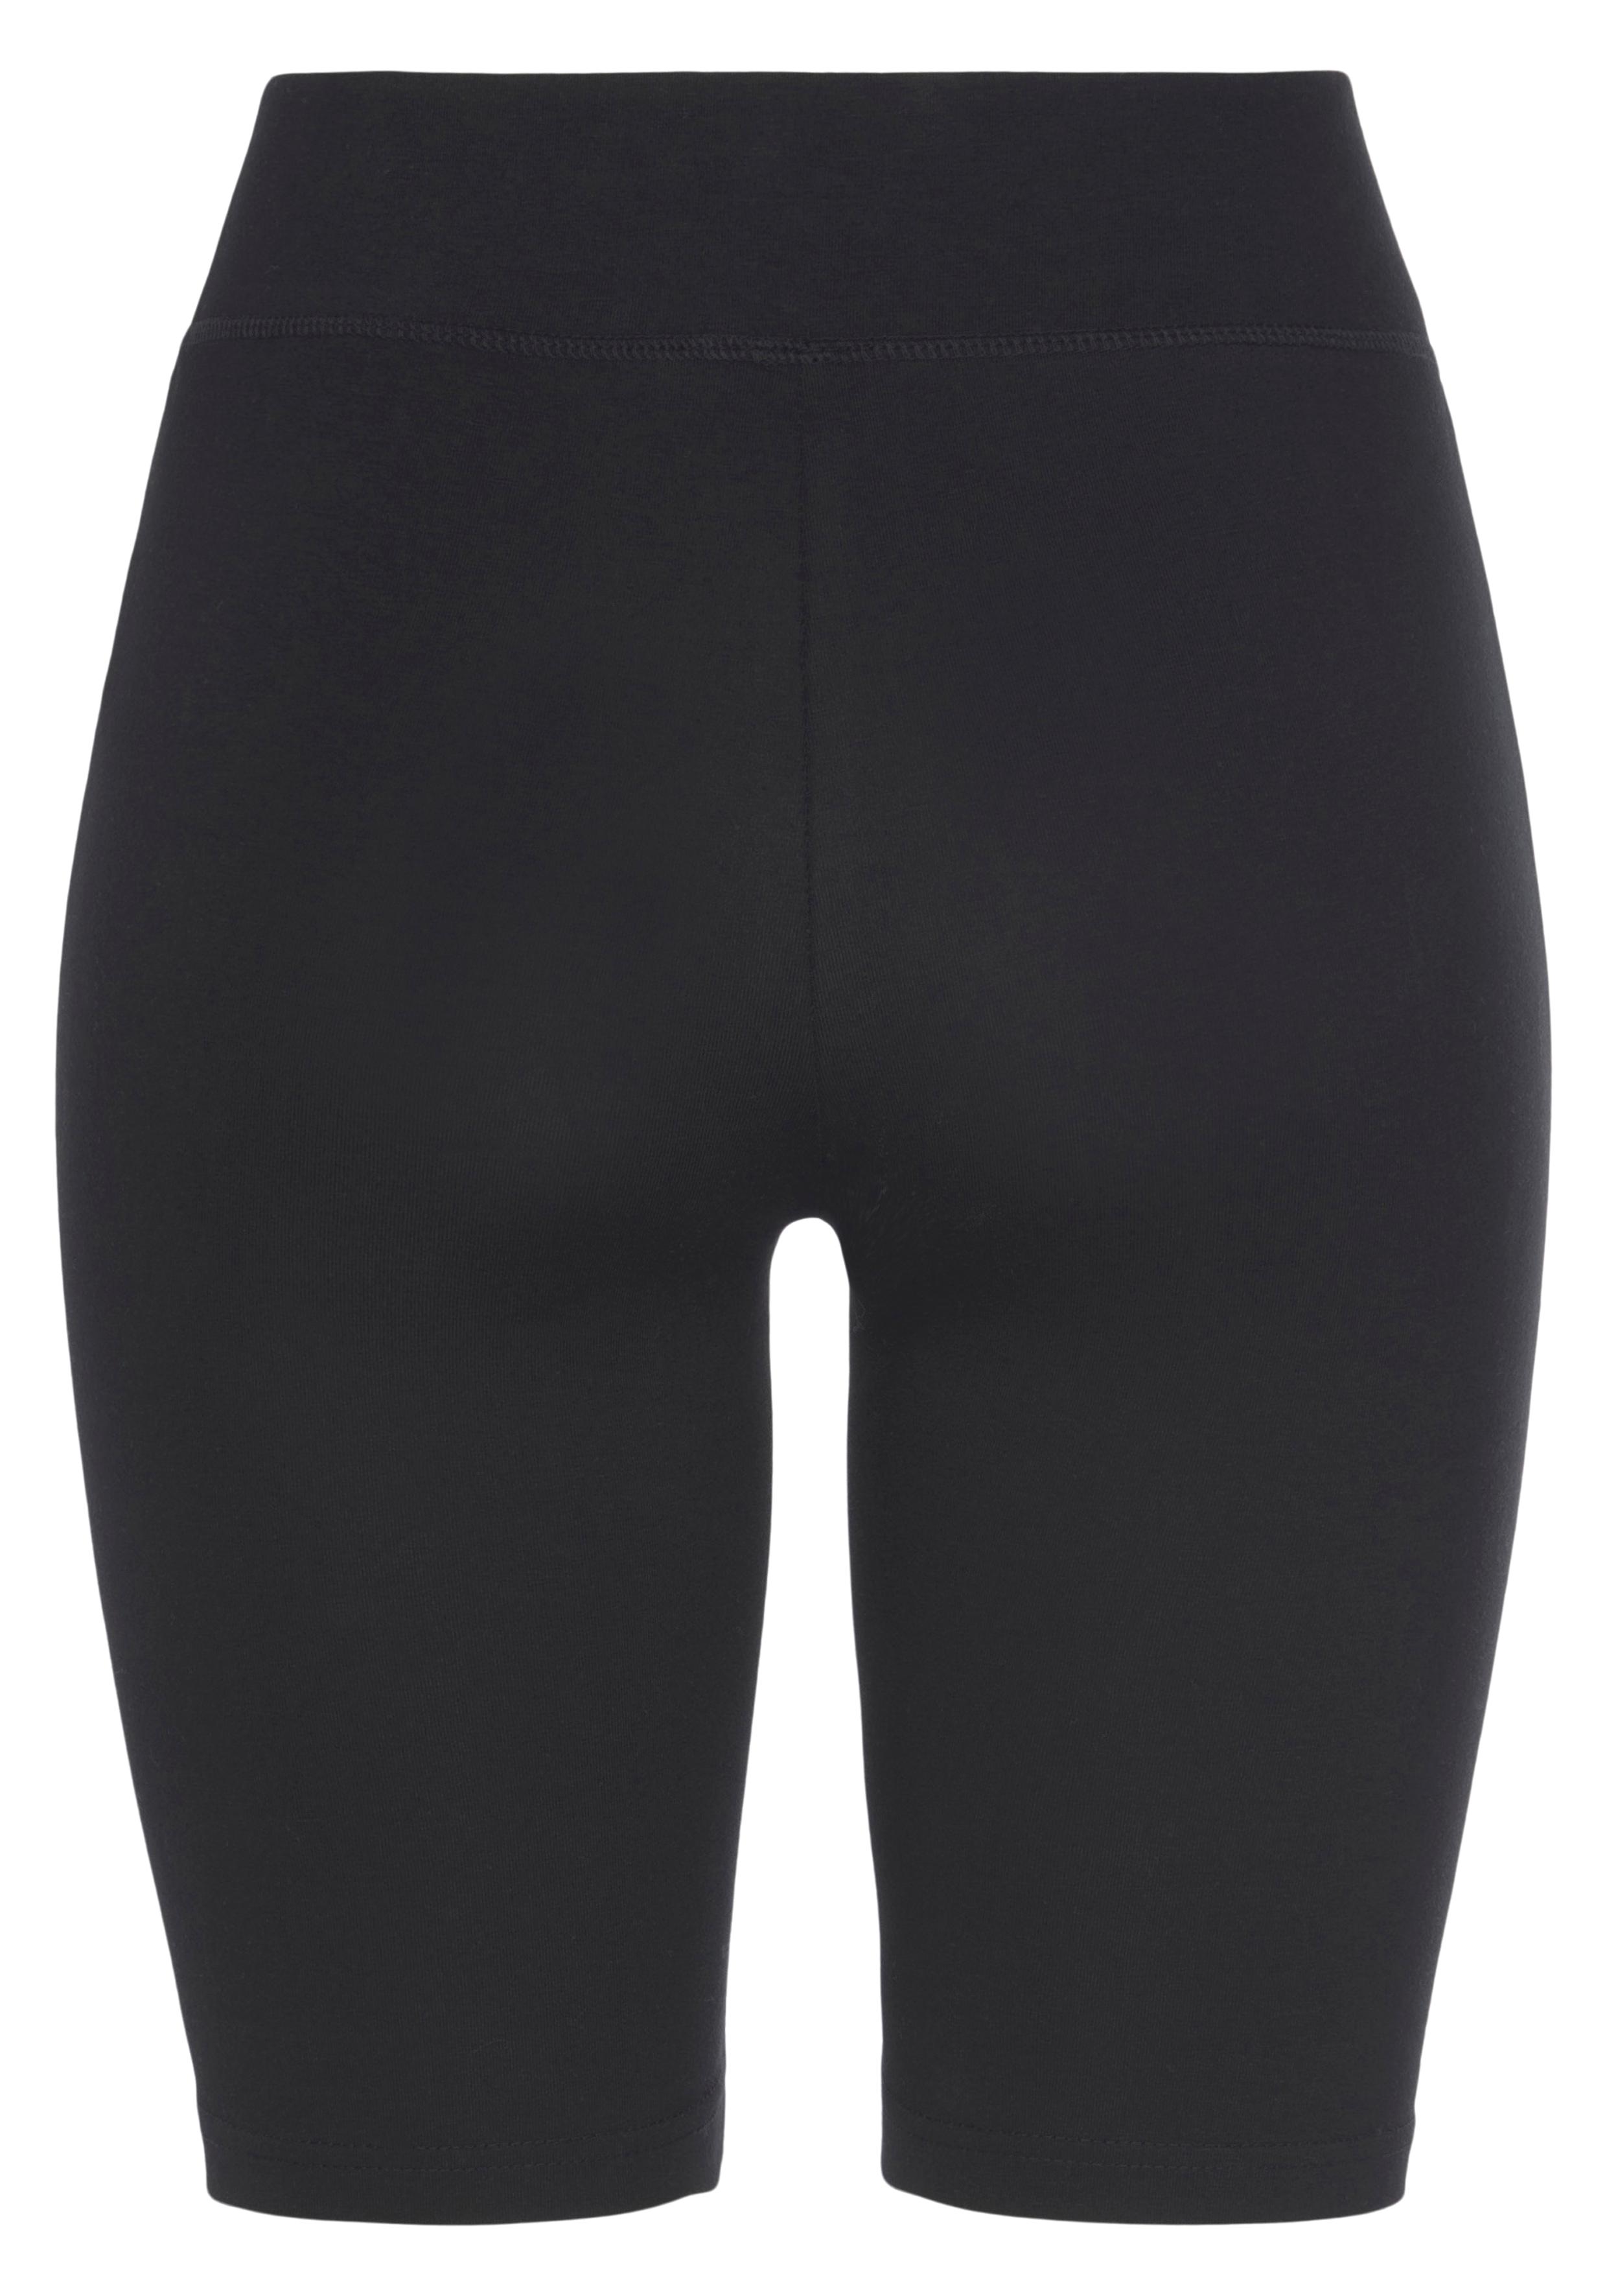 eastwind -  Radlerhose Double Pack Short Pants